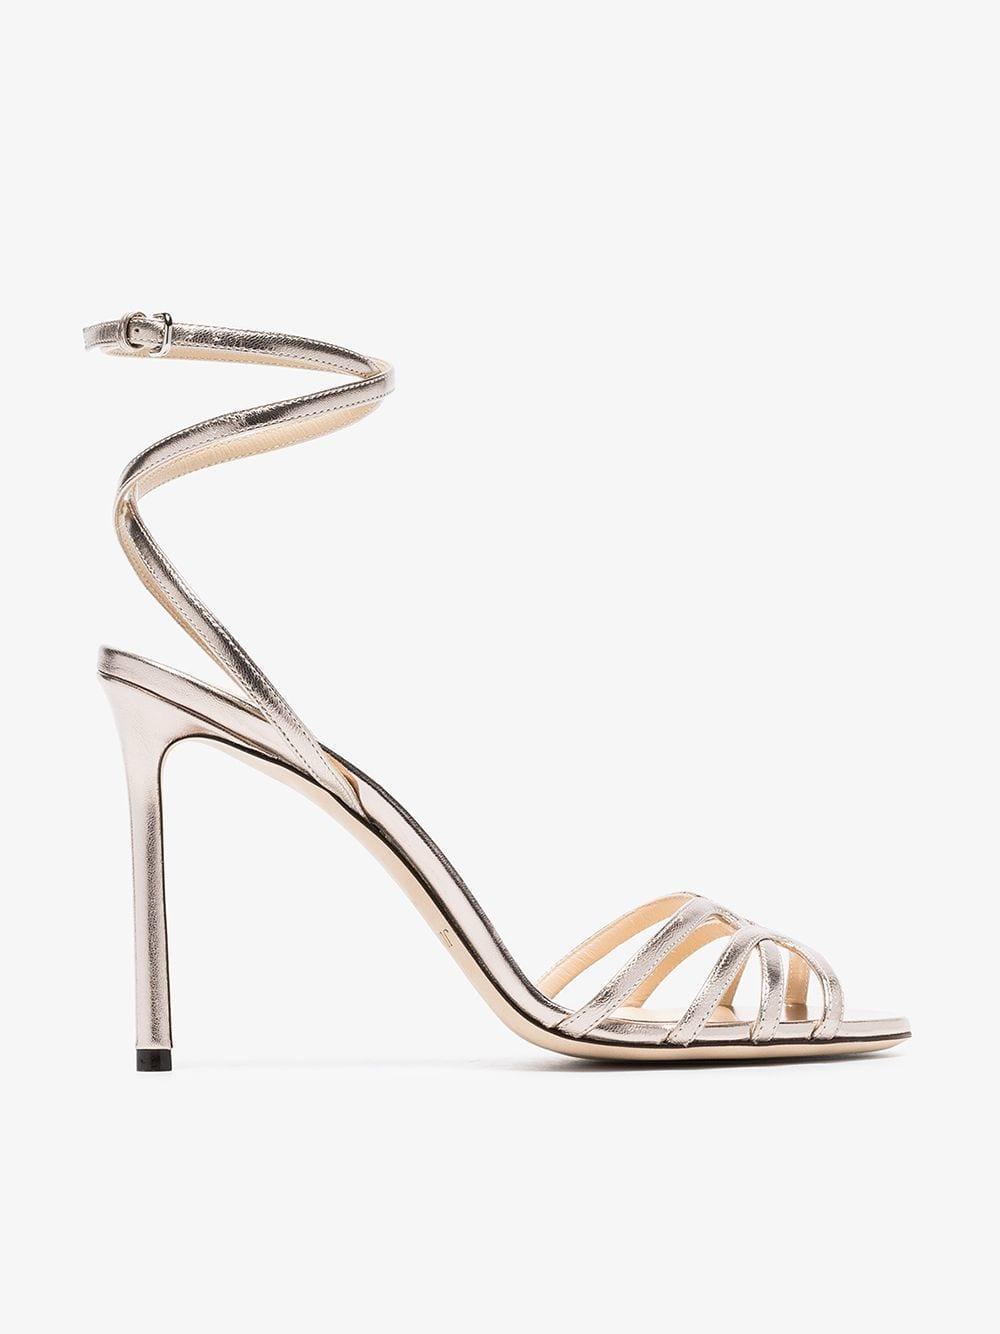 89c4a7827cf Jimmy Choo Mimi 100 Sandals in Metallic - Lyst